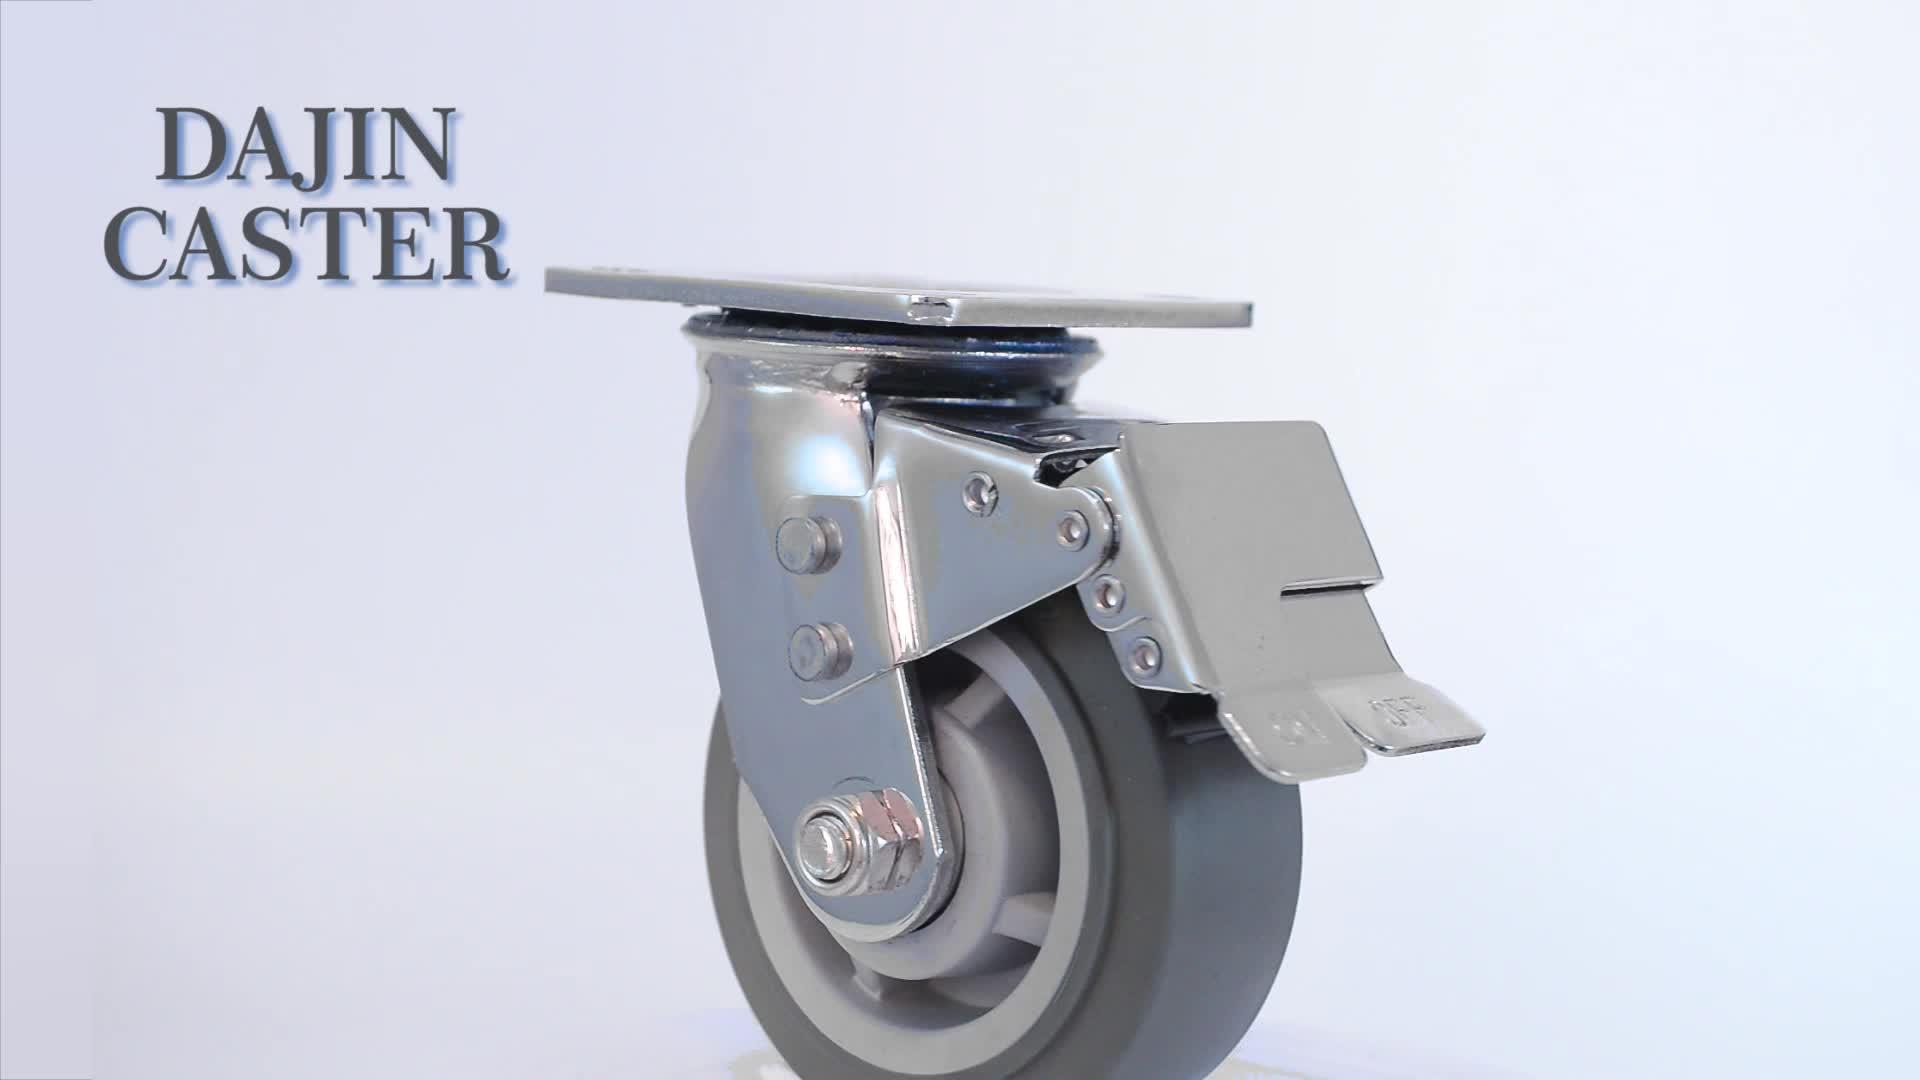 Tugas berat industri jenis PU kastor roda dan putar kastor